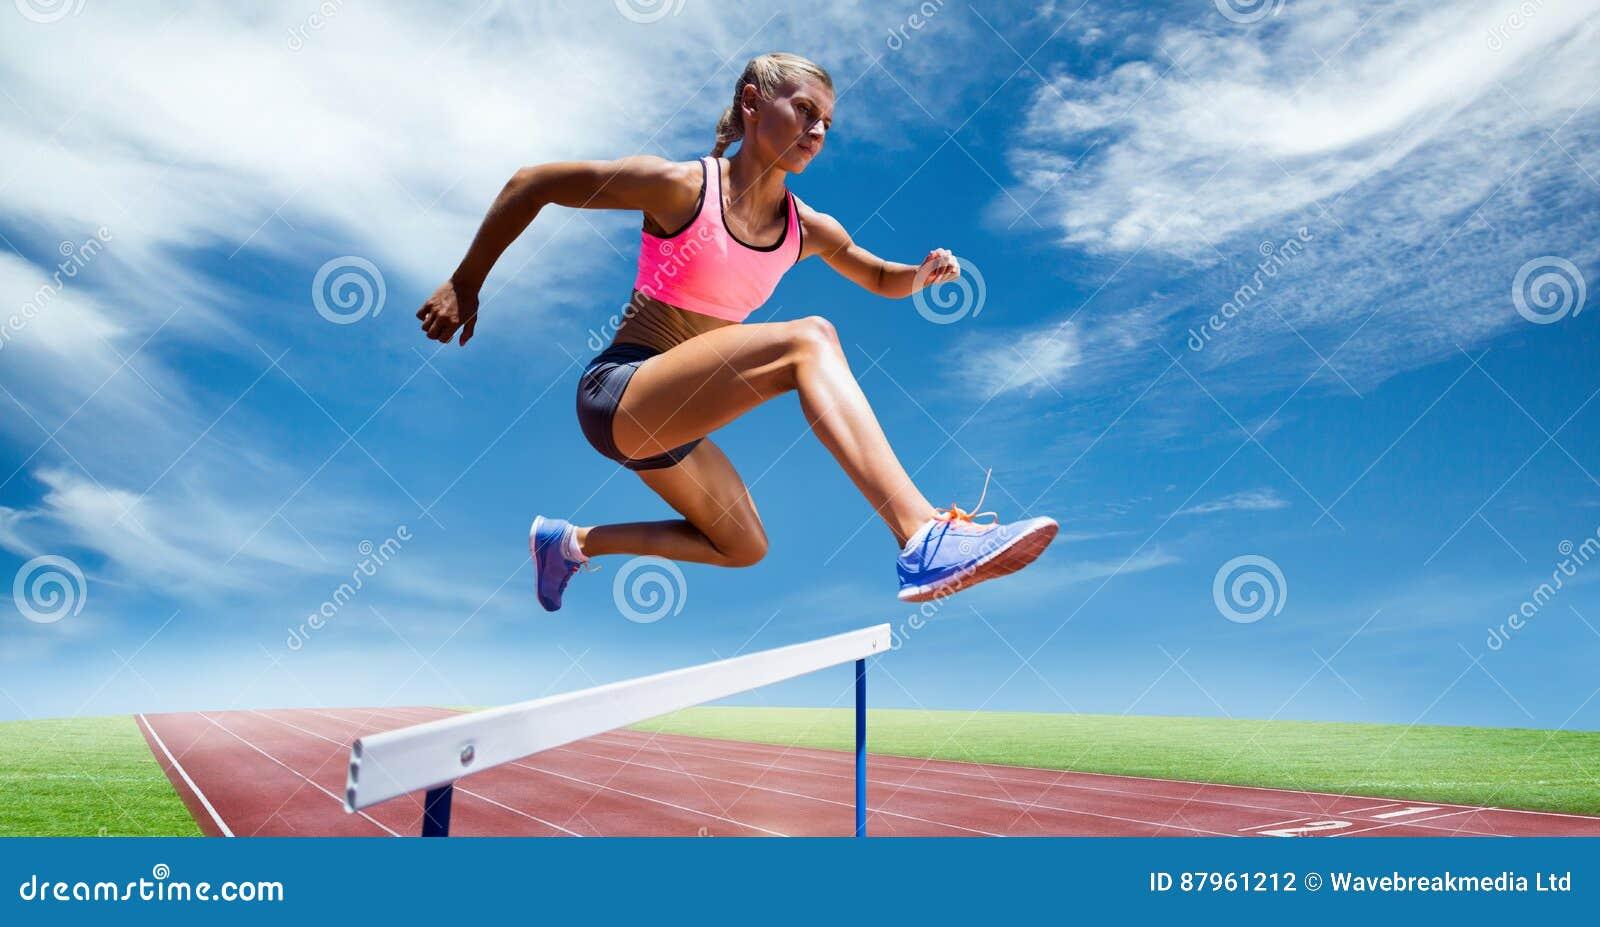 Zusammengesetztes Bild Digital des weiblichen Athleten springend über die Hürde